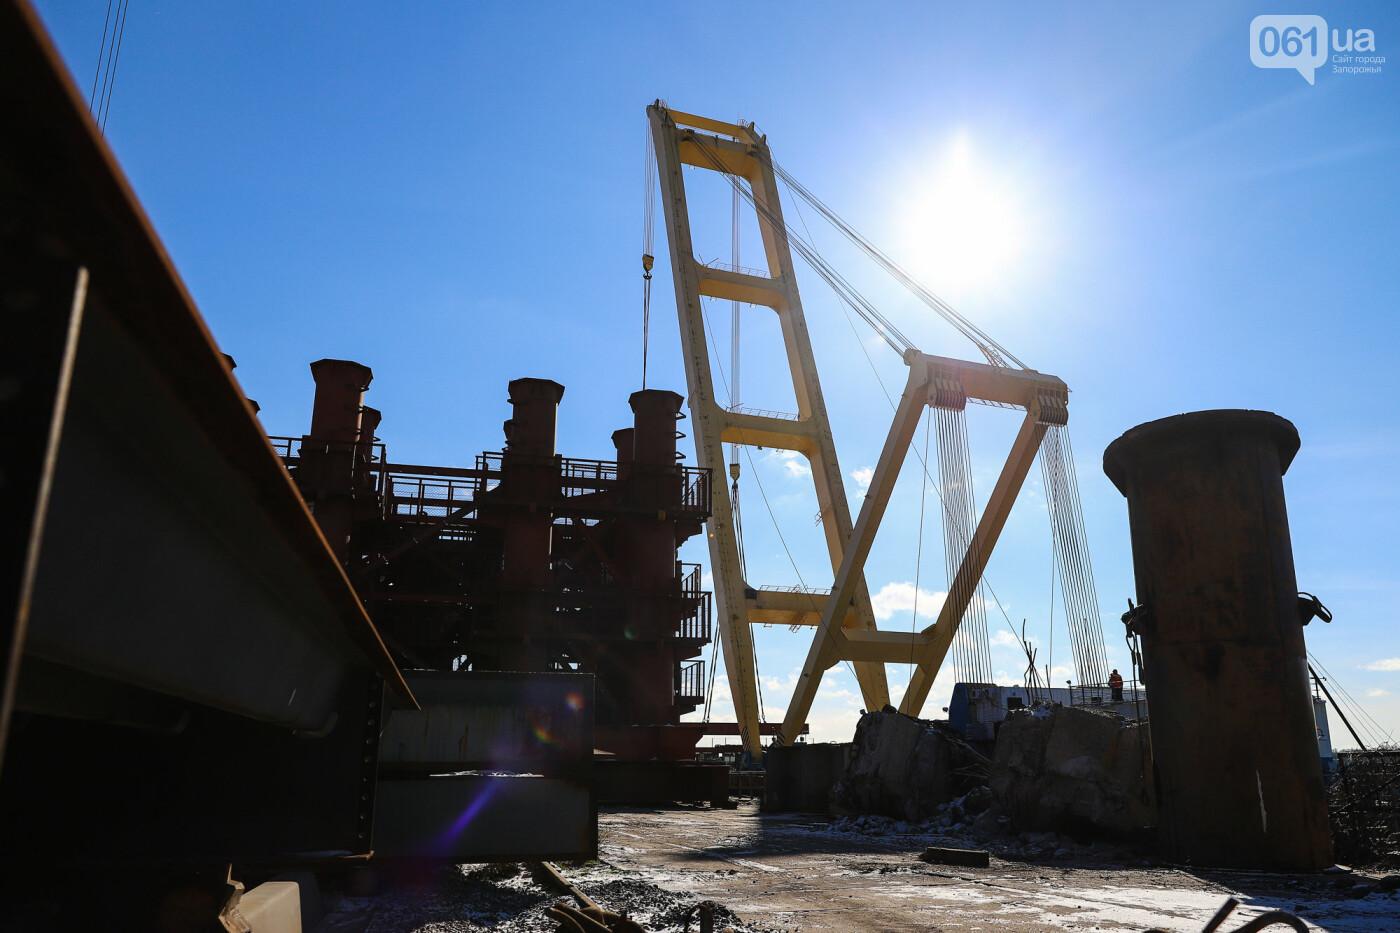 Кран с иностранной пропиской, ванты и металл: строительство запорожских мостов в фотографиях, фото-2